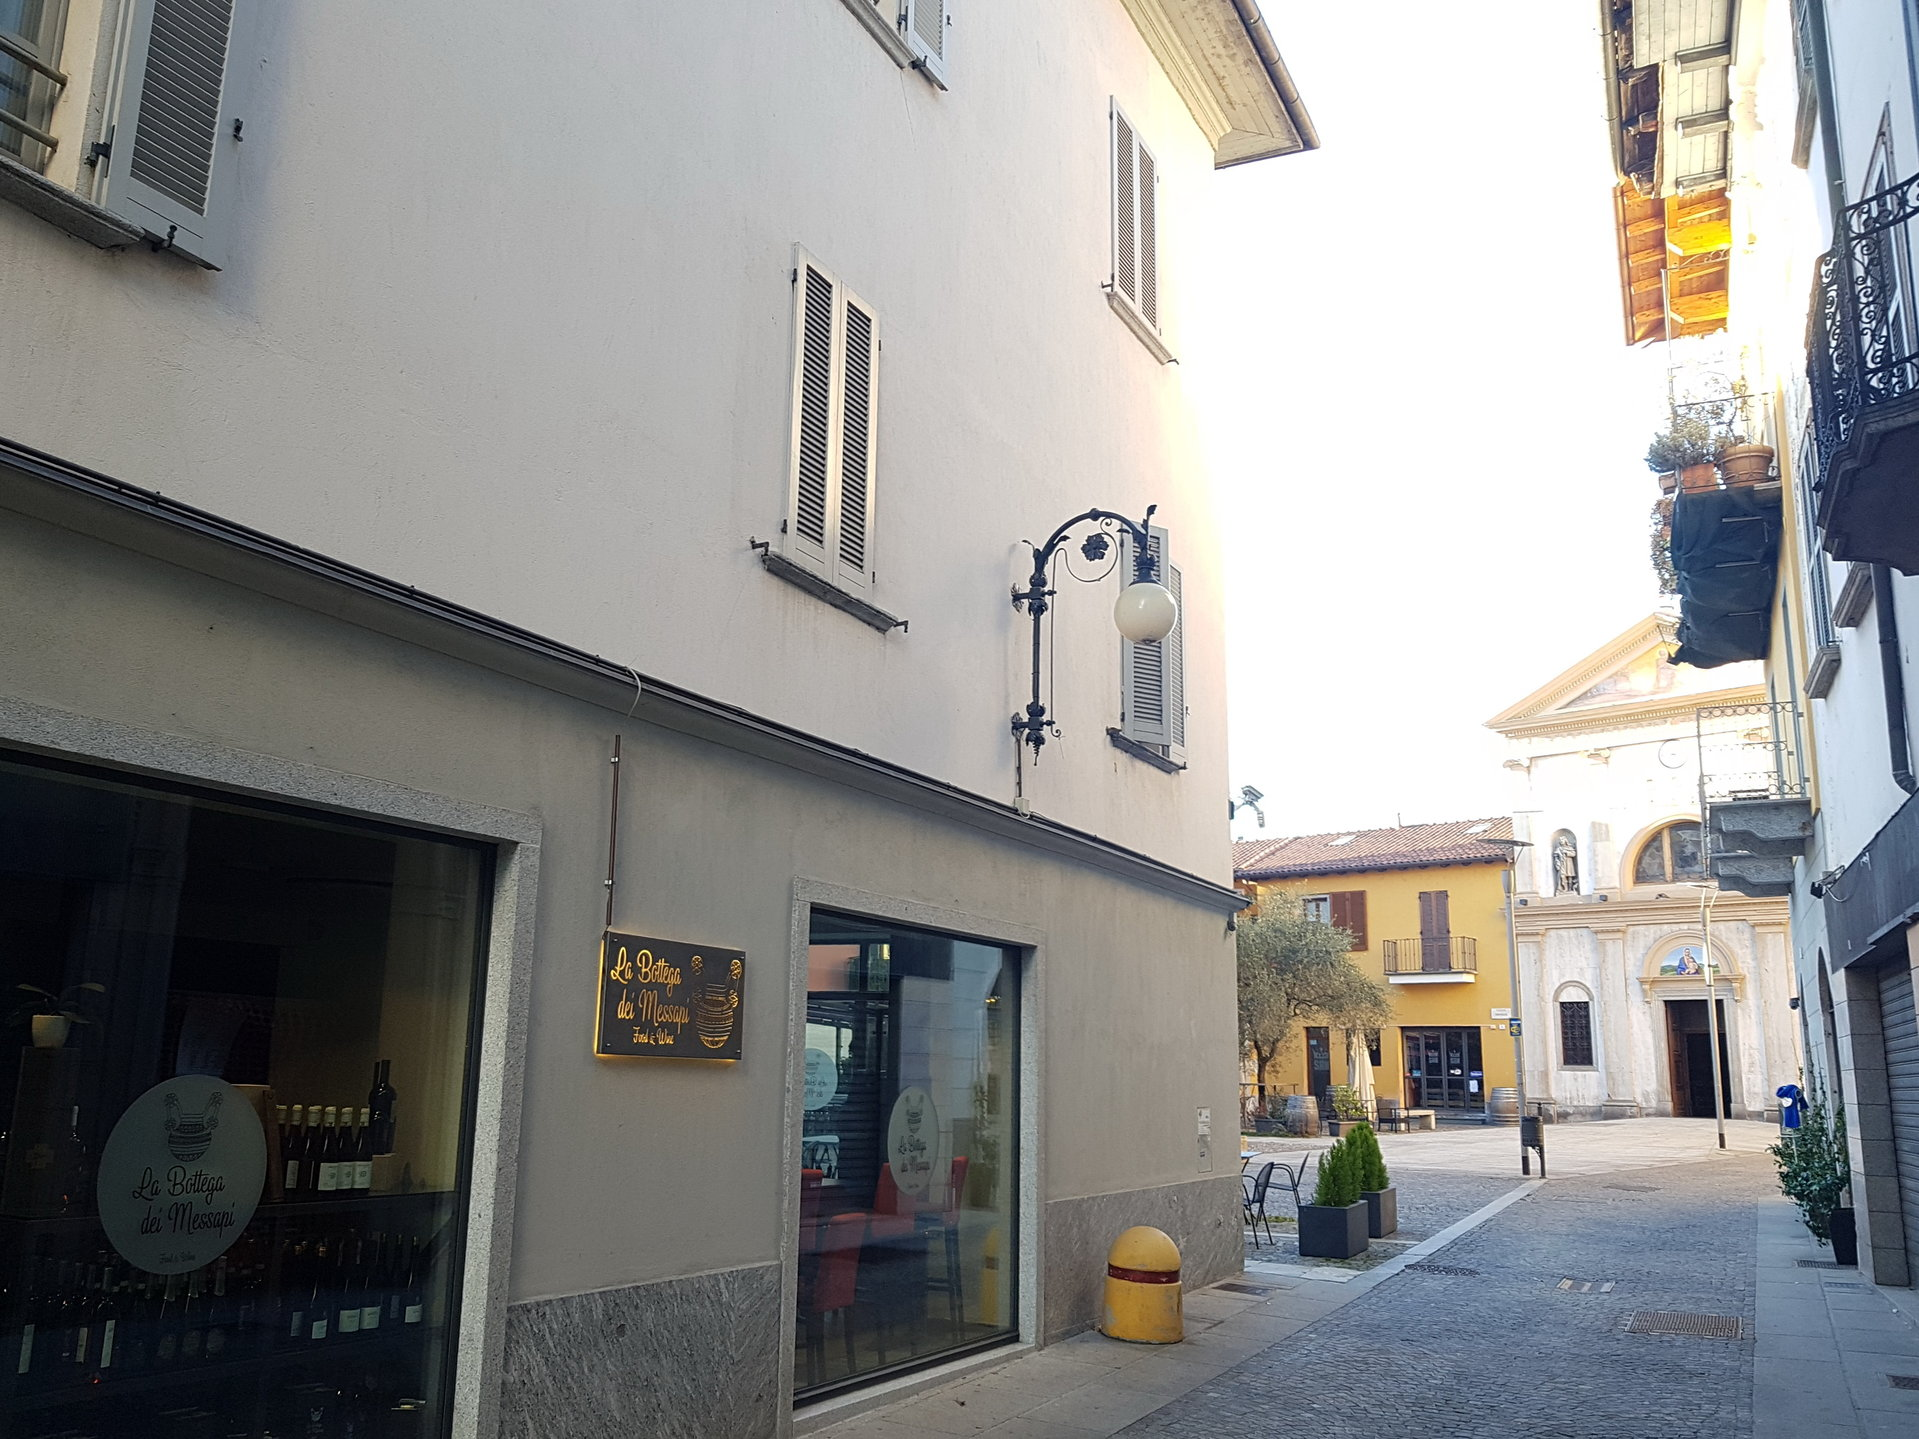 Mansarda ristrutturata in vendita in centro a Verbania - parete esterna